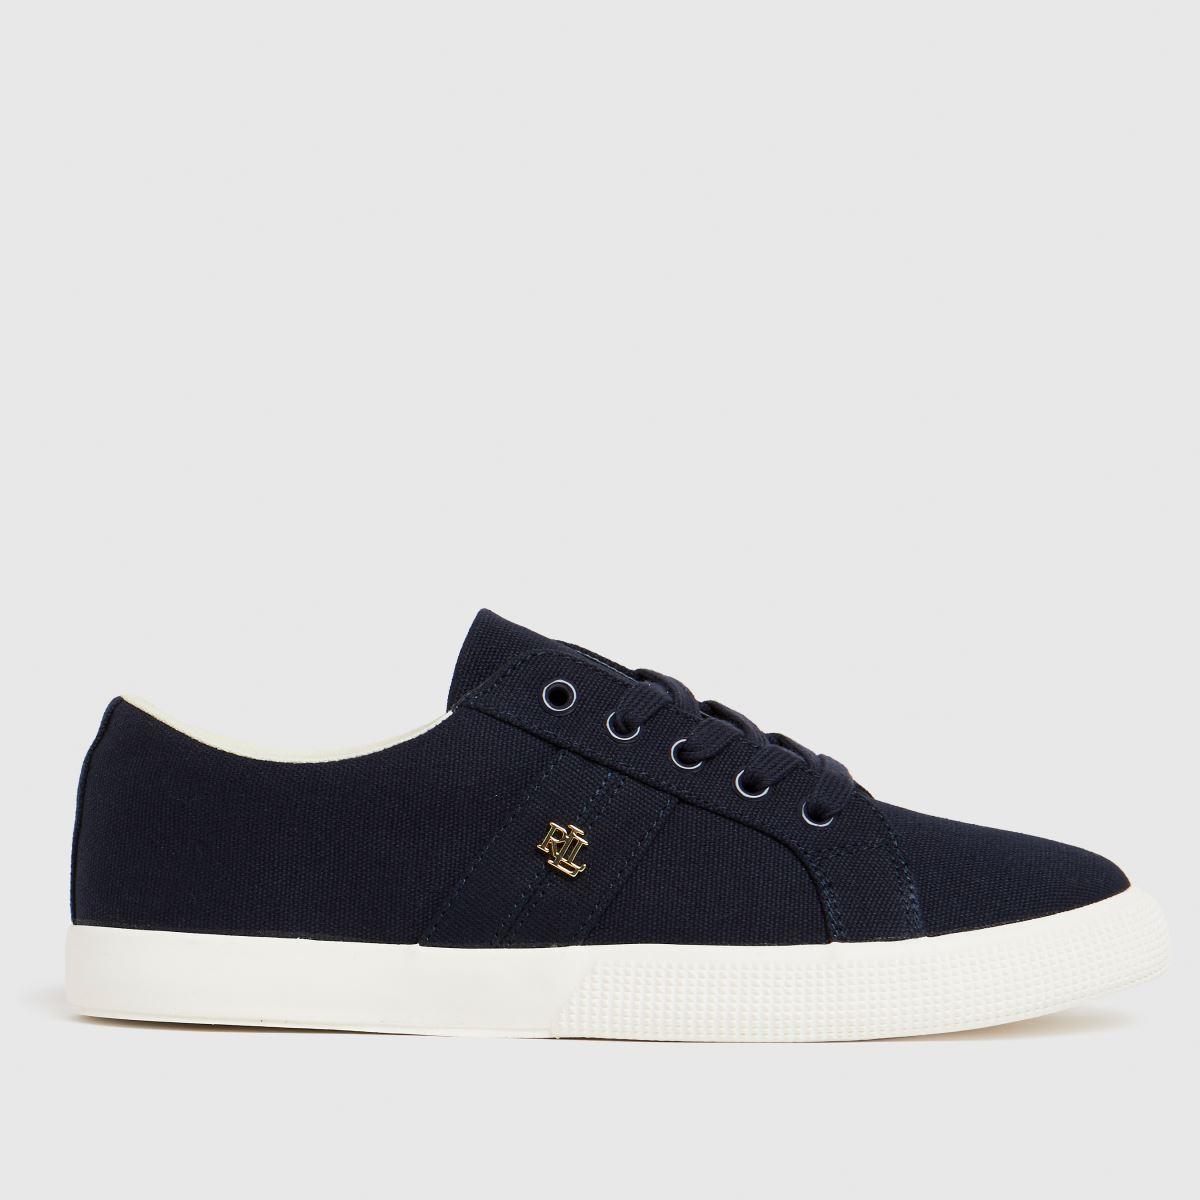 LAUREN RALPH LAUREN Navy Janson Ii Sneaker Trainers